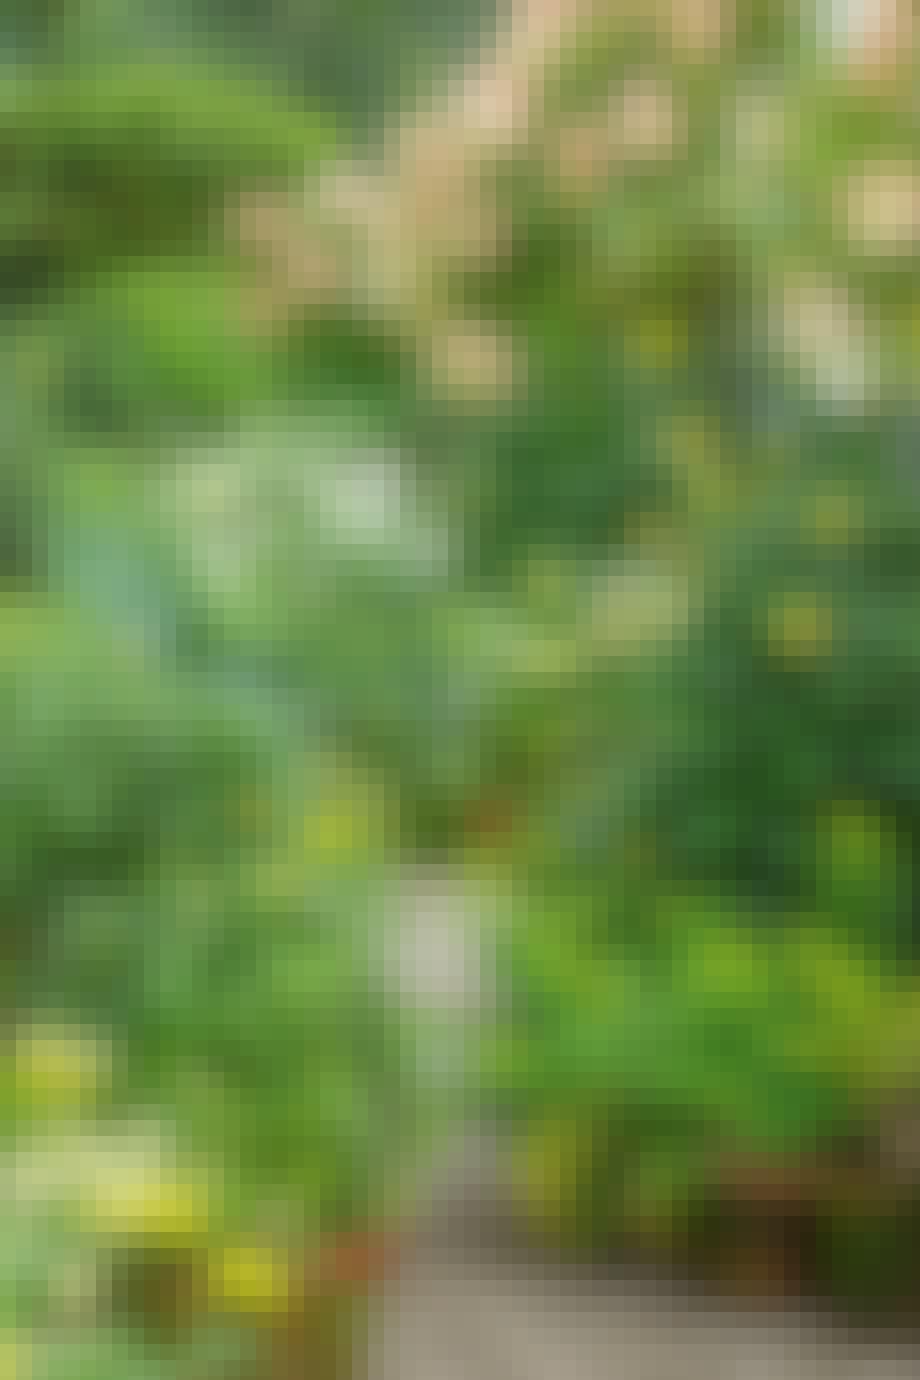 grønne planter blomser i krukker og potter krukkehave